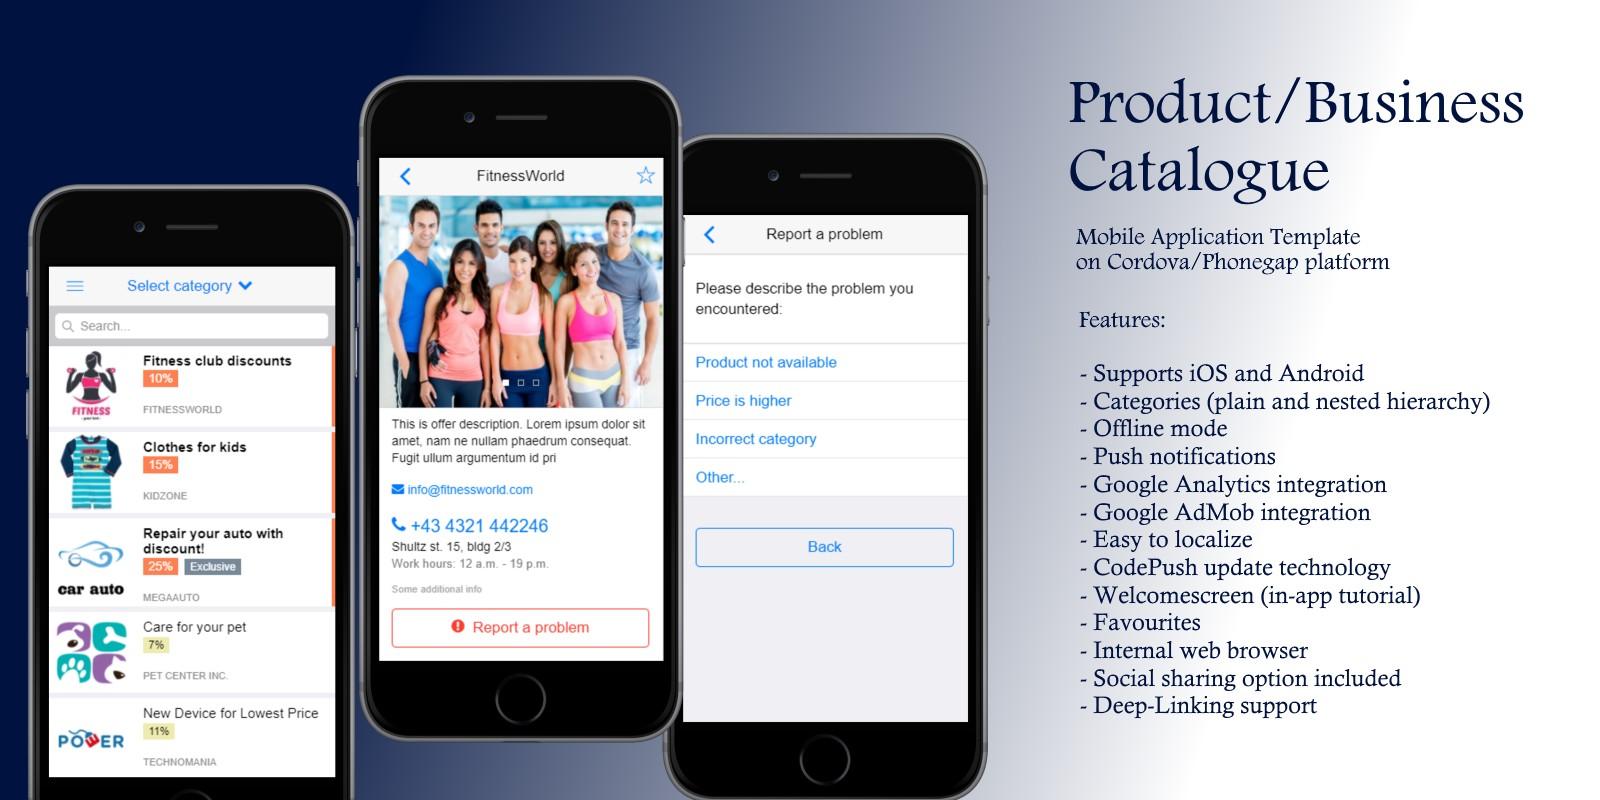 titanium app templates - product catalog cordova app template cordova app